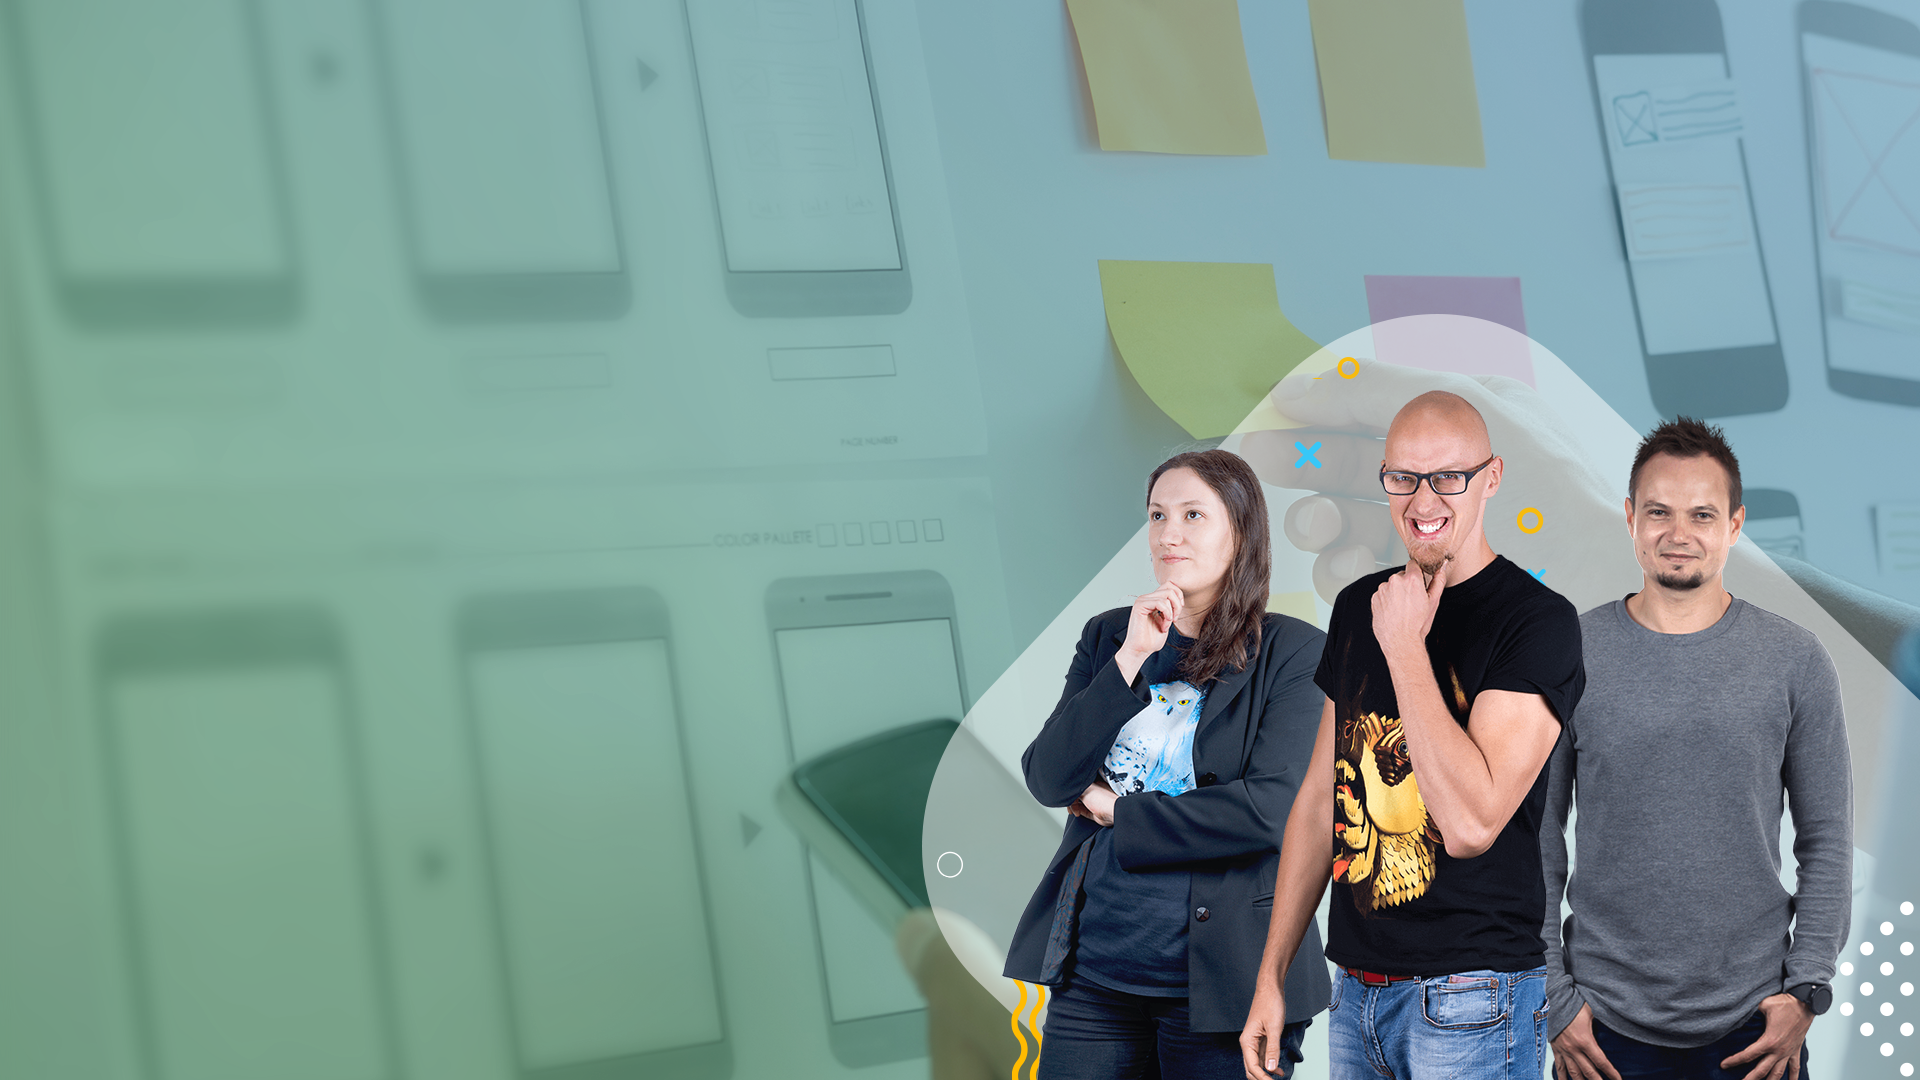 UX and UI Design Team